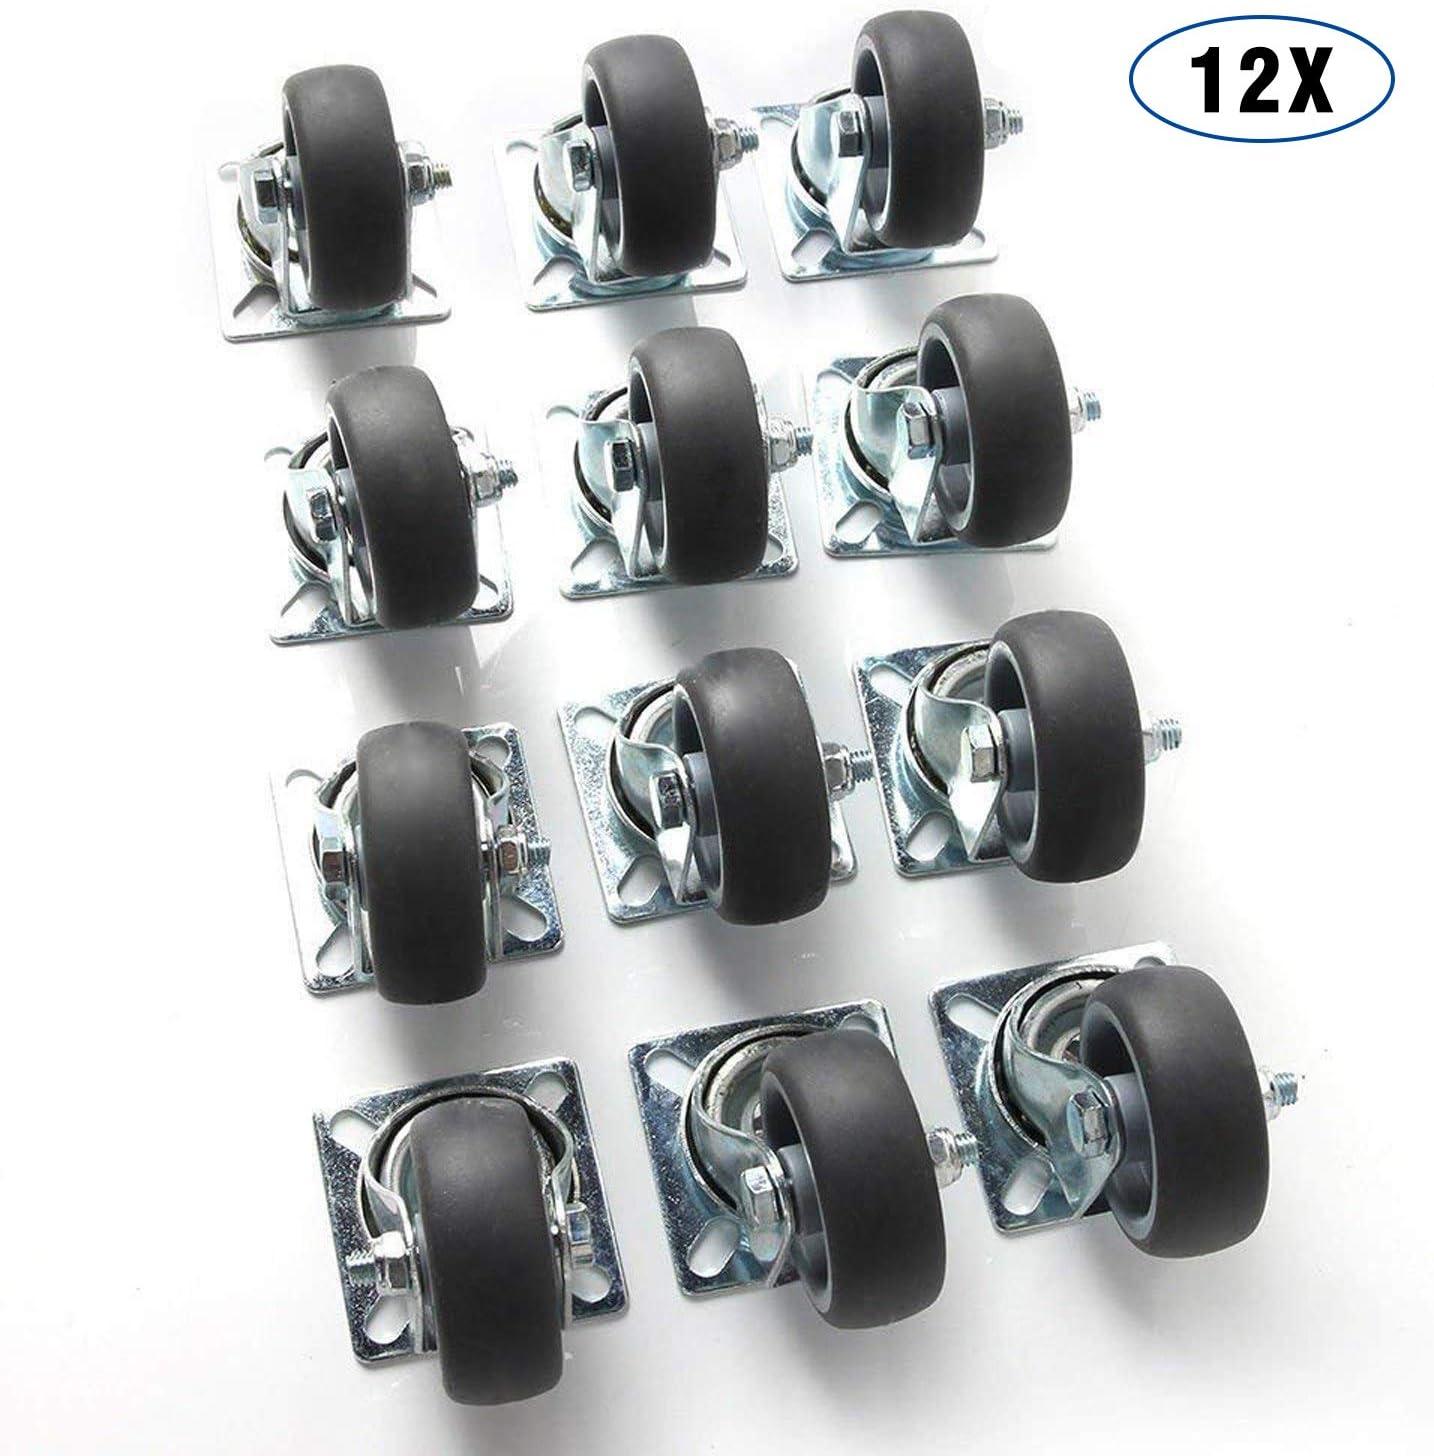 Ruedas de transporte Speed de 12 x 50mm. Ruedas para cargas pesadas (40kg rueda). De polipropileno, chapa de acero galvanizado, color gris claro